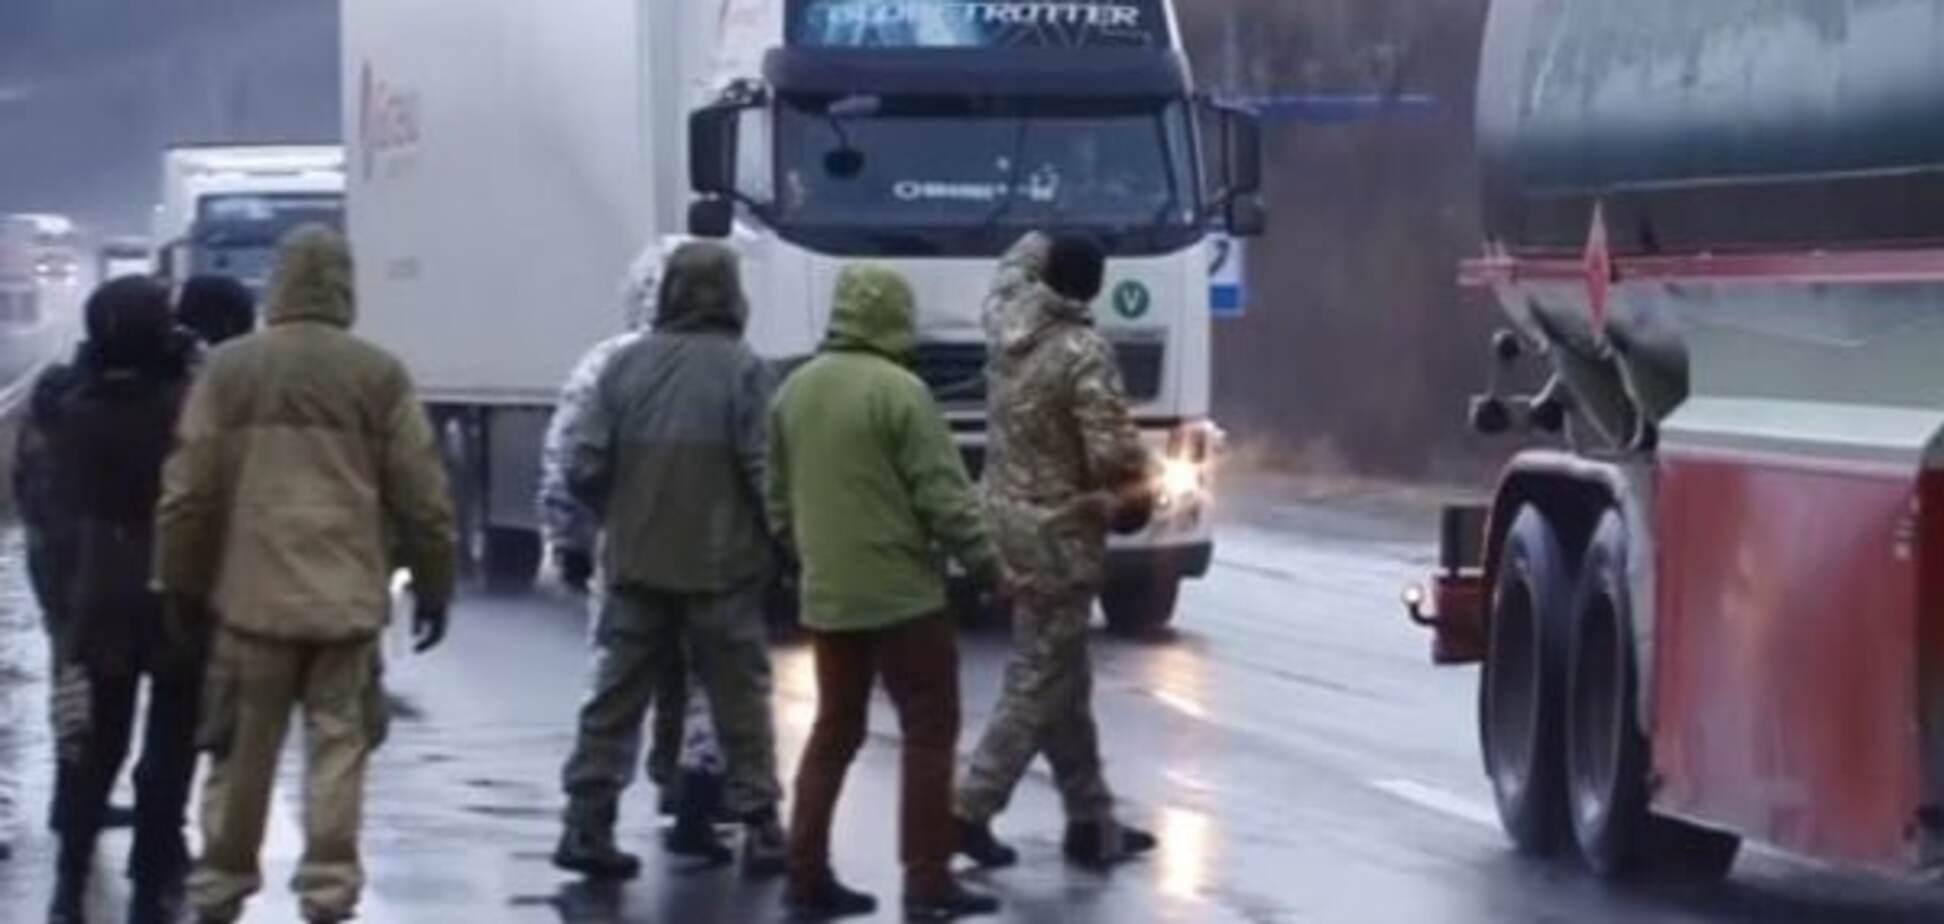 Договоренности нипочем: 'Свобода' организует собственную блокаду российских фур